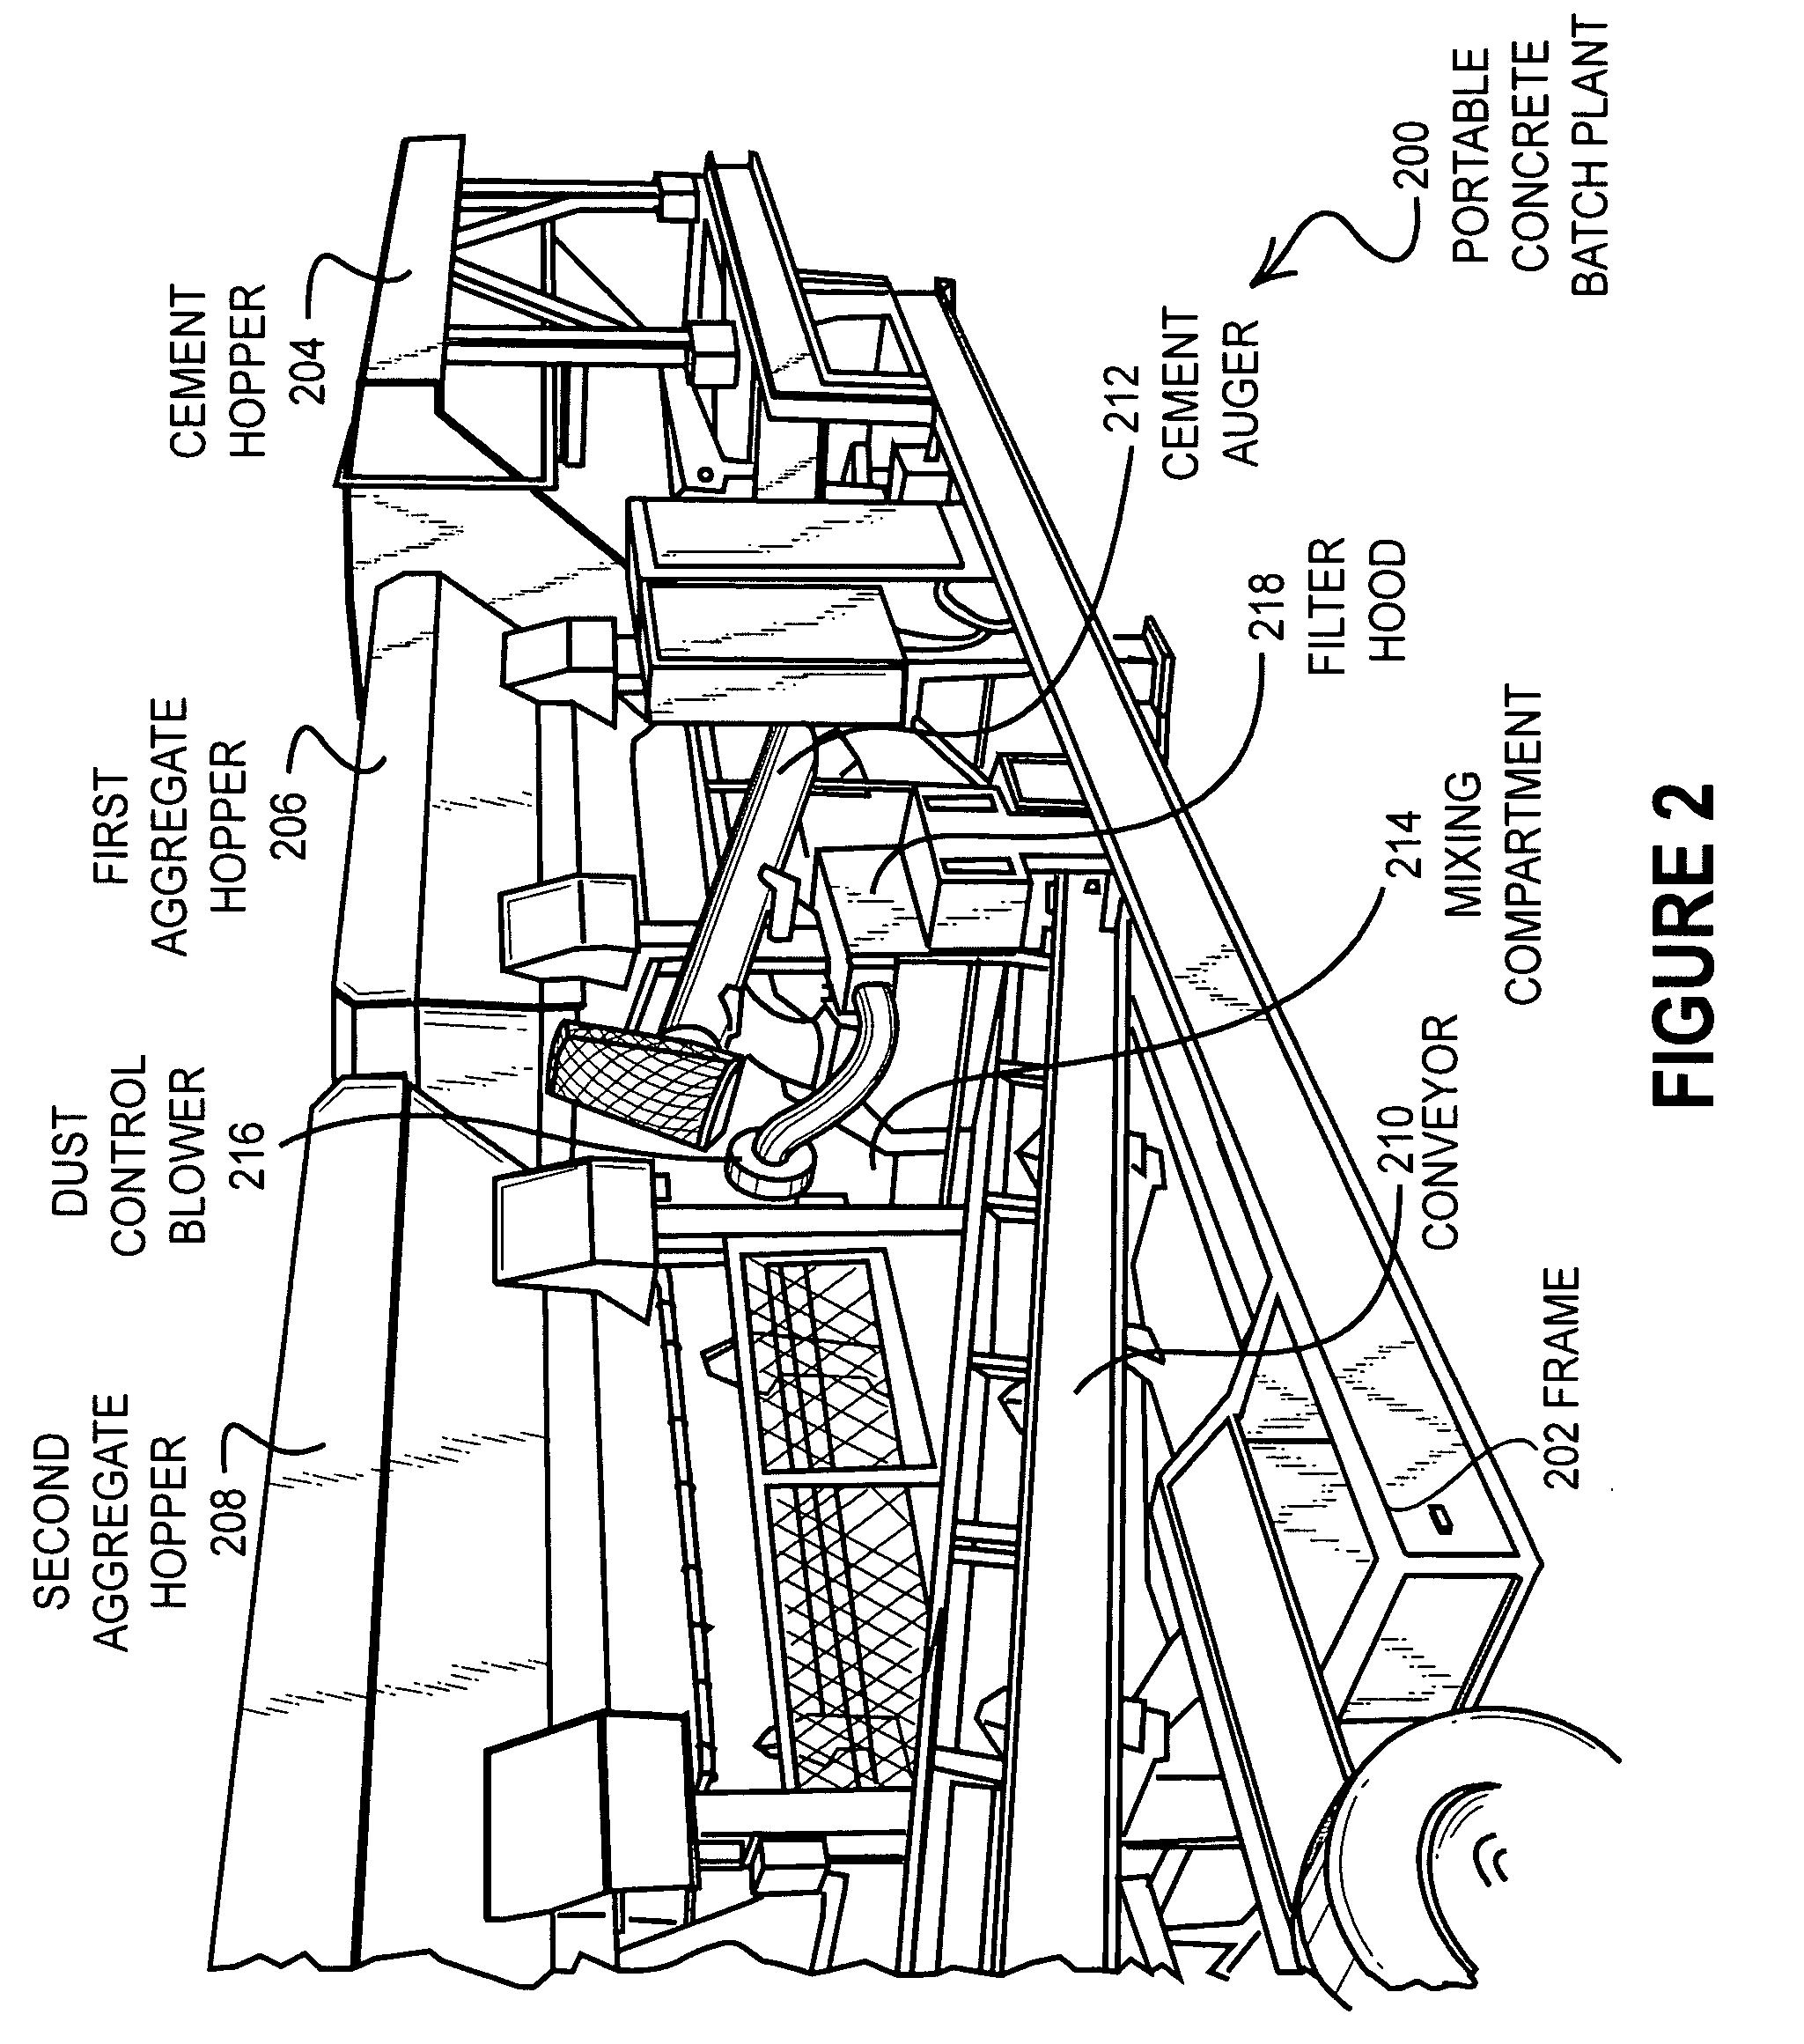 patent us7050886